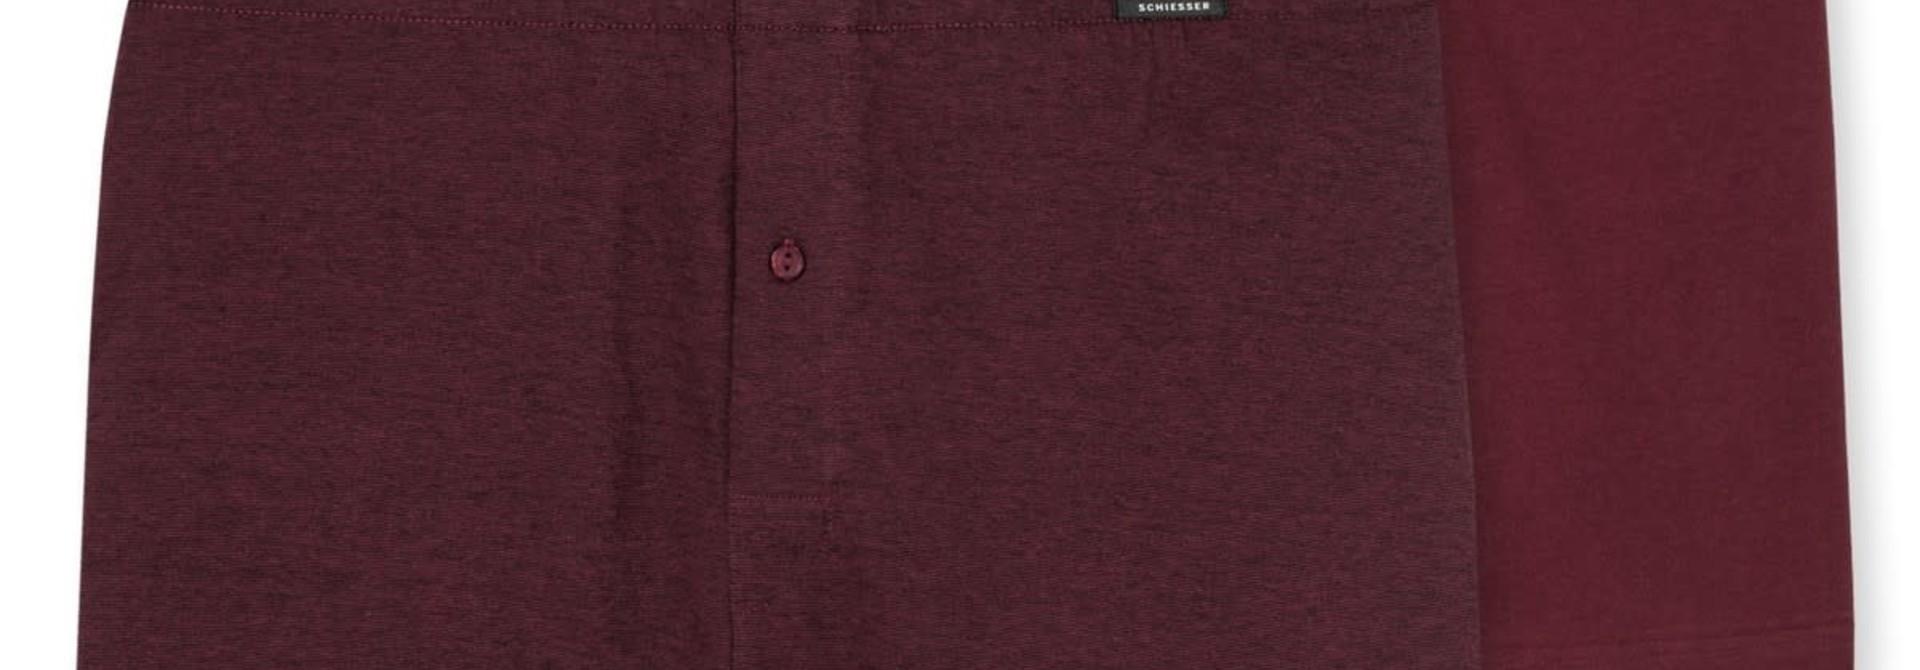 Boxershort 2-Pack 168446 - rood